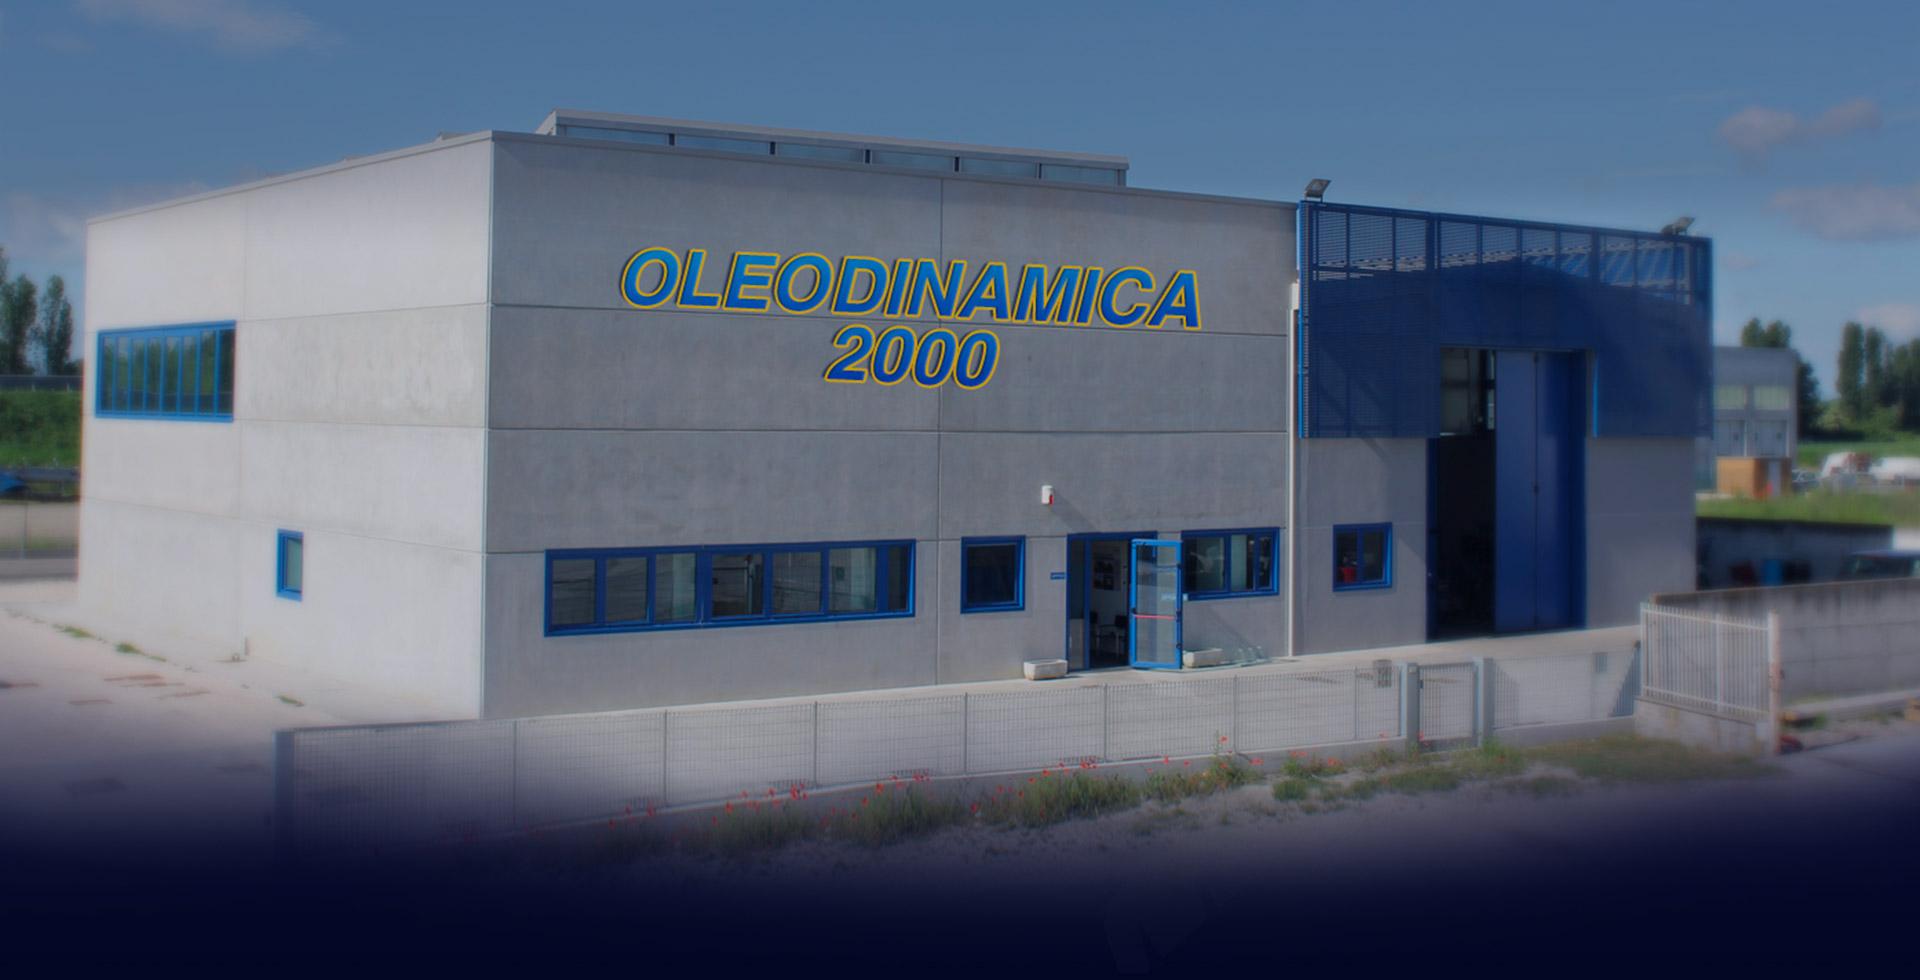 Oleodinamica2000